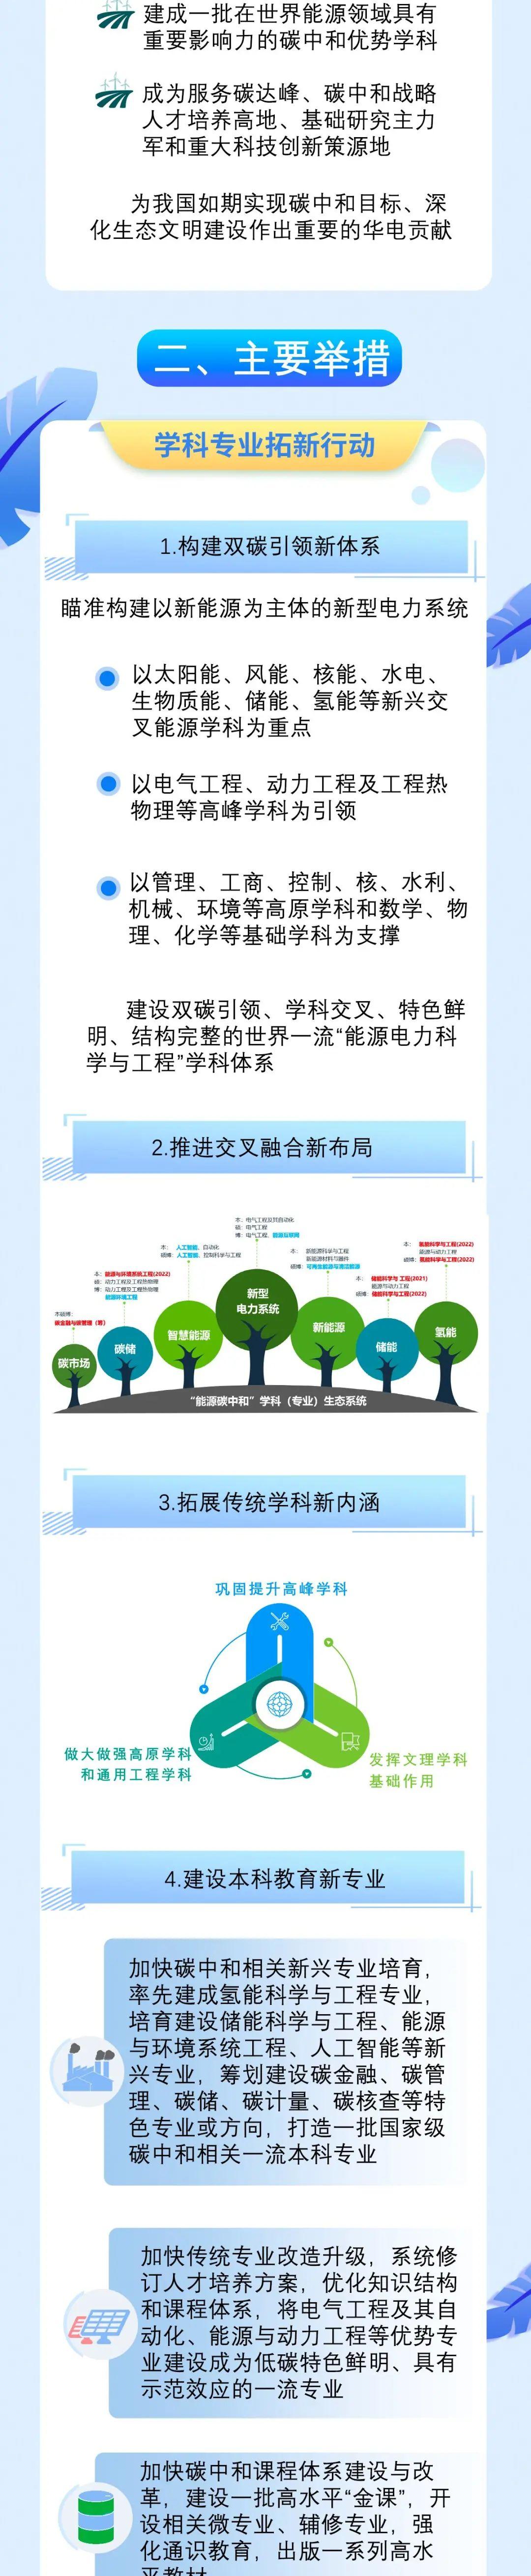 重磅发布!一图读懂华北电力大学碳达峰碳中和行动计划